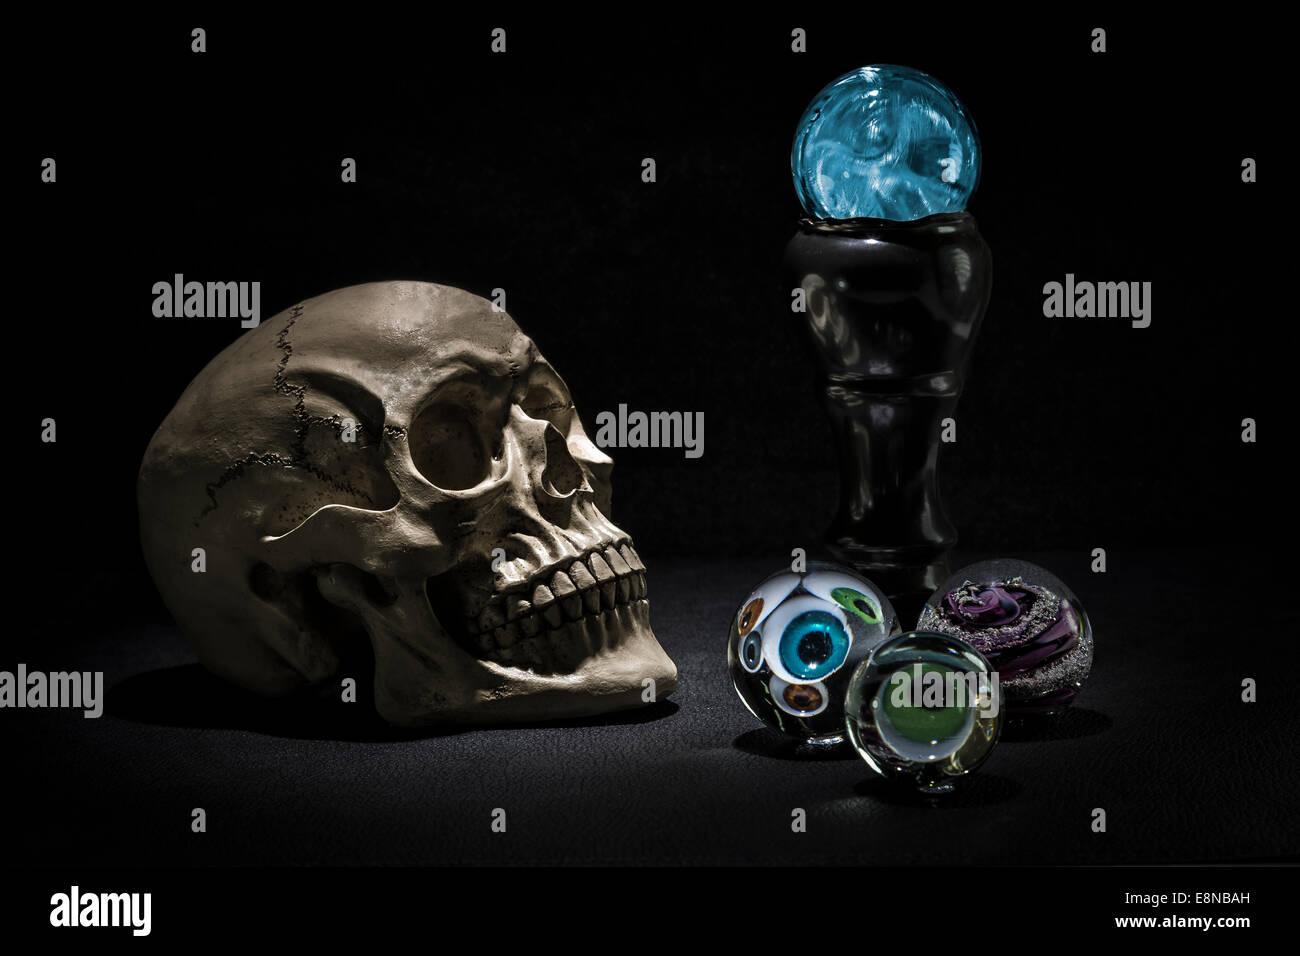 Oscura y tenebrosa cráneo humano en un baño de luz. Bolas de cristal con ojos mirando Imagen De Stock